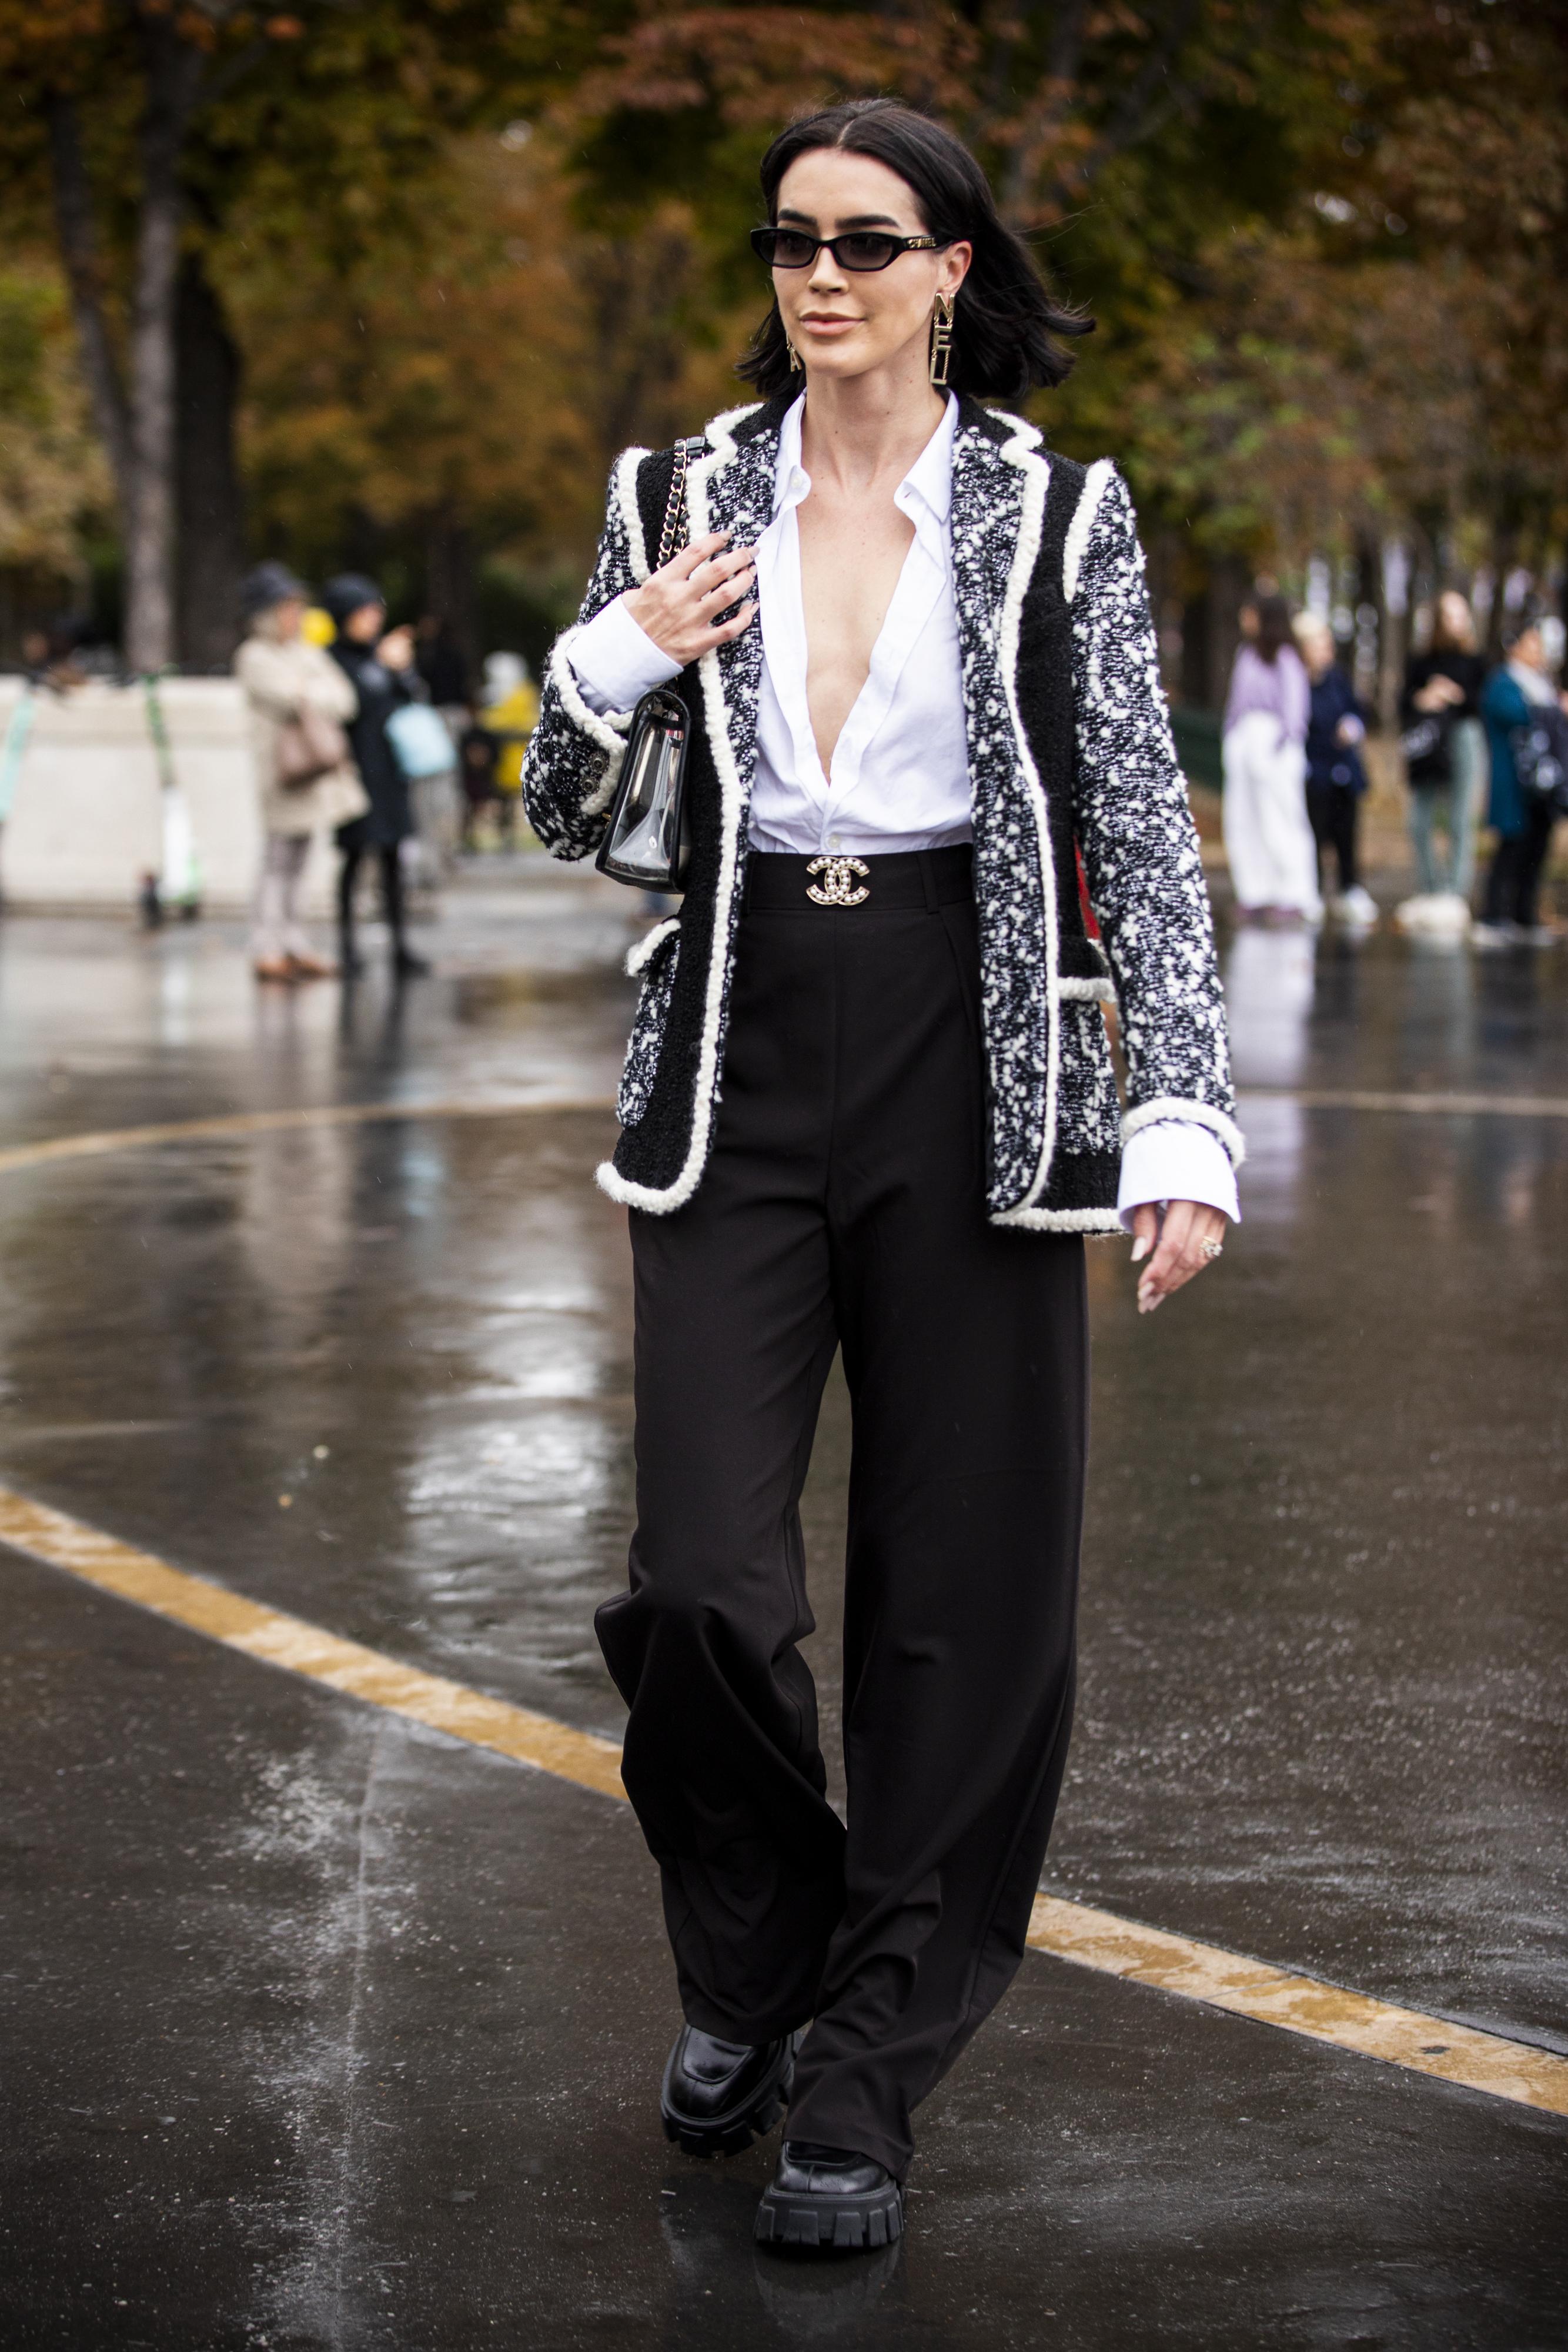 大胆にデコルテを見せて着崩したシャツに、太めのブラックパンツをコーディネイト。ジェンダーレスなスタイルにモノトーンカラーのツイードジャケットを取り入れた、等身大の着こなしがかっこいい。